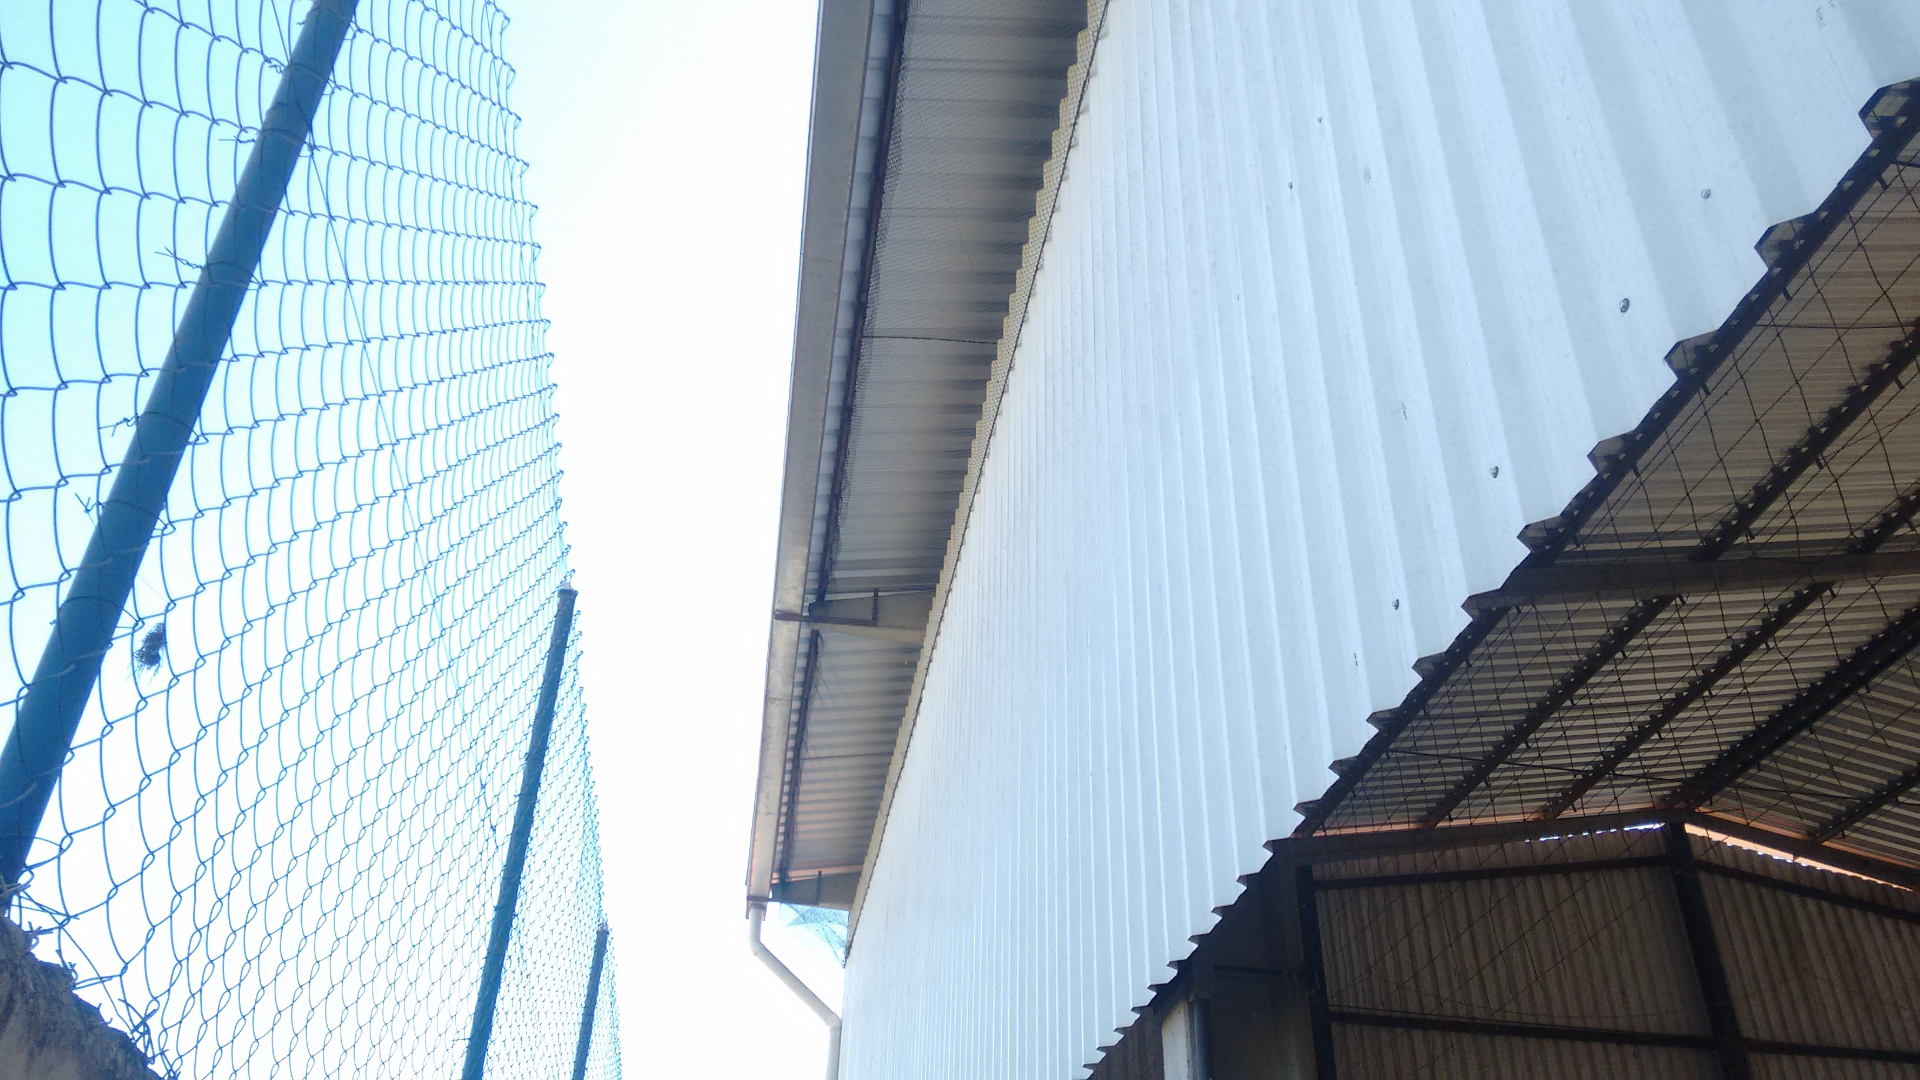 engeba-engenharia-pre-moldados-projeto-pilar-do-sul-sp-interior-obra-bndes-construçao-edificio-multipavimento-cobertura-fechamento-fundaçao-pre-fabricado-edificio-garagem-infraestrutura-industrial-terca-concreto-viga-t-cobertura-calha-escada-laje-estrutura-COBERTURA DE QUADRA POLIESPORTIVA (3)